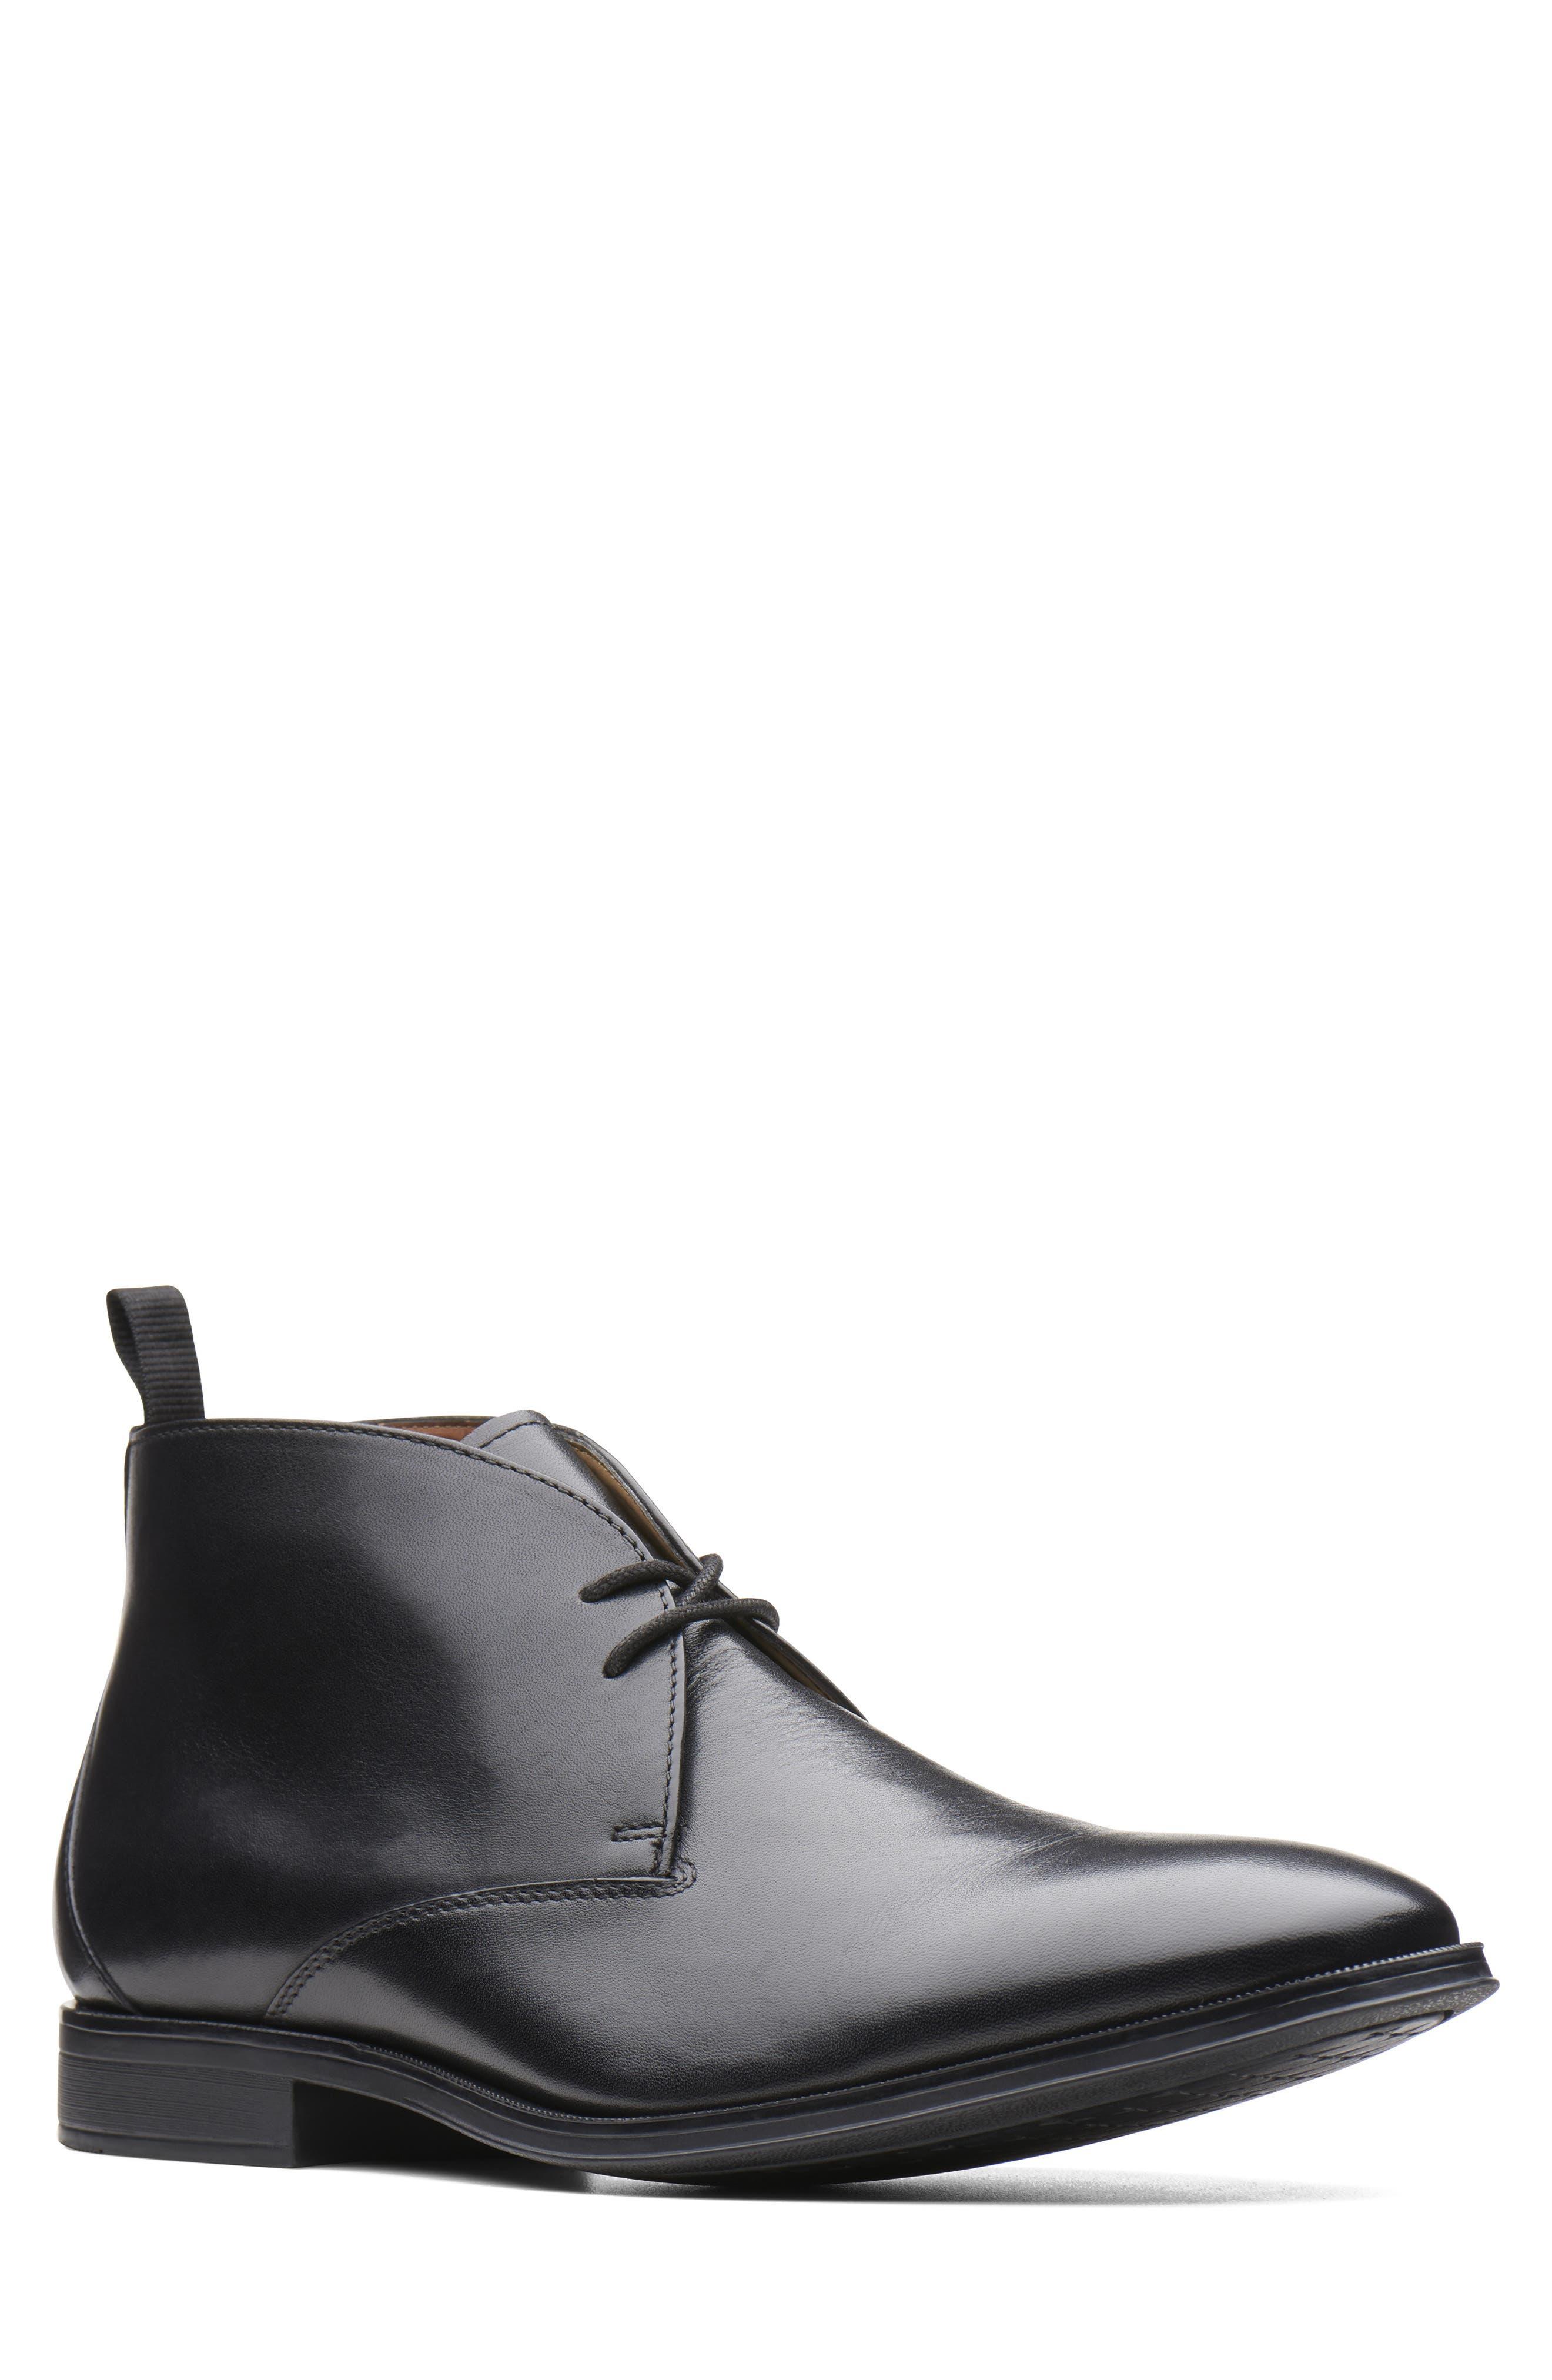 Gilman Mid Chukka Boot,                         Main,                         color, 003